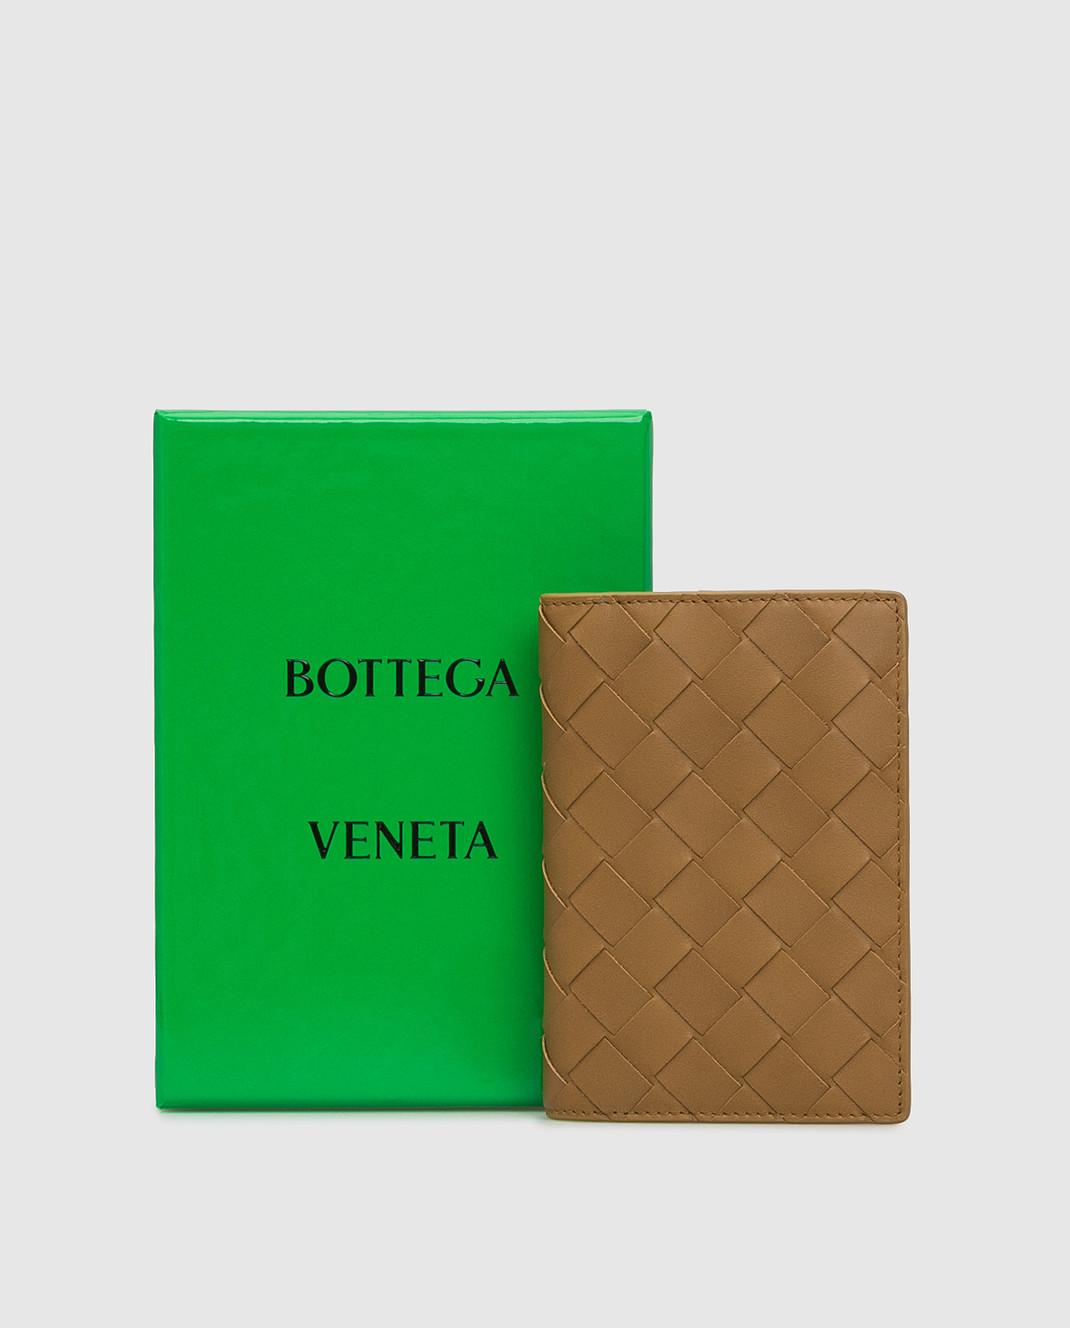 Bottega Veneta Горчичная кожаная обложка для паспорта изображение 5